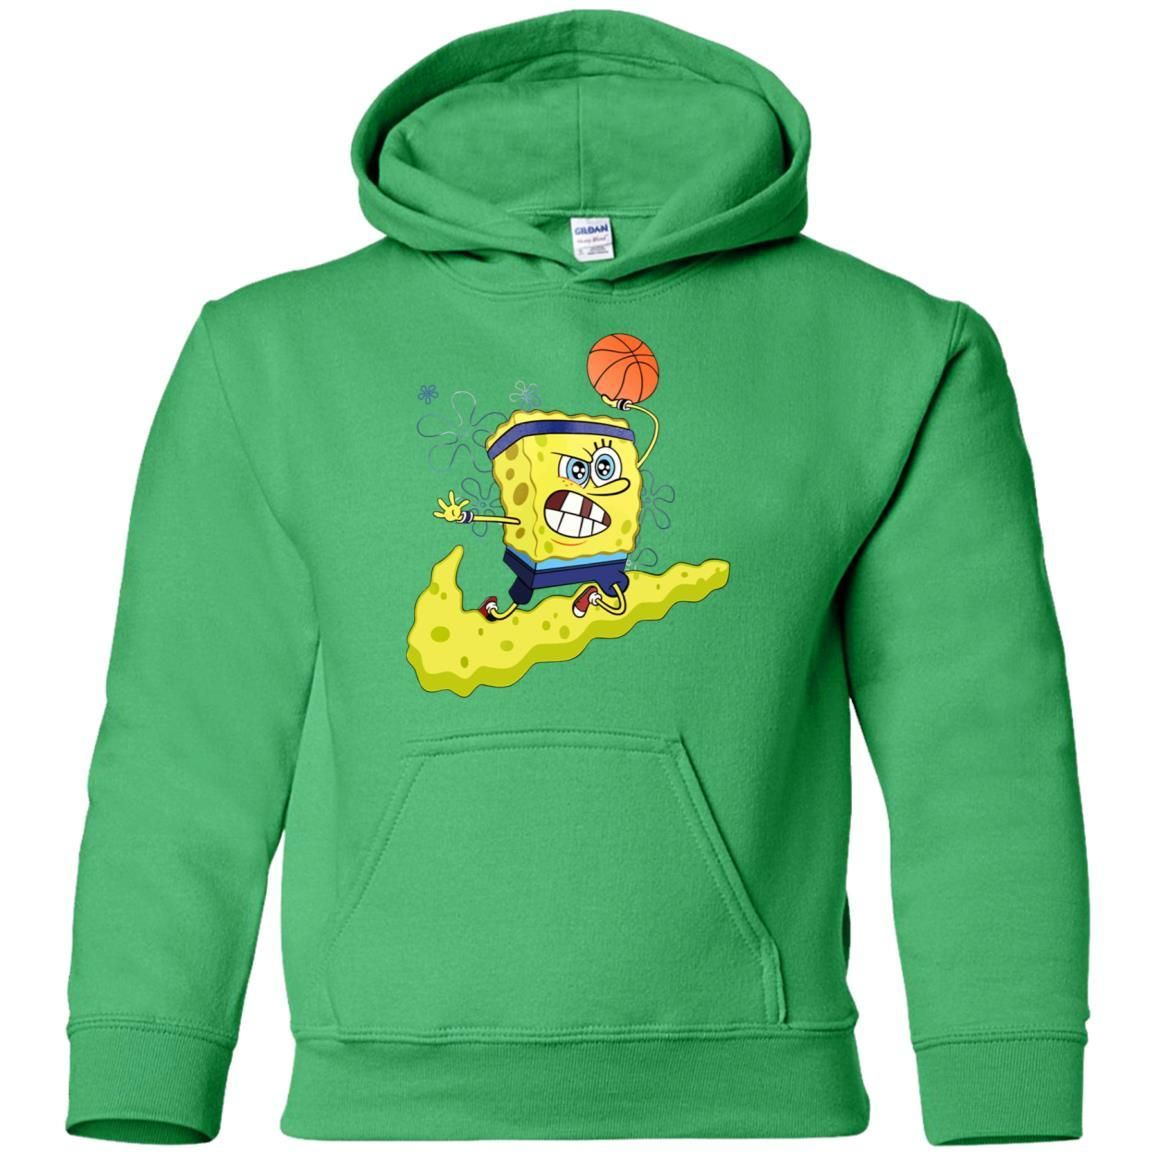 Youth Spongebob Hoodie